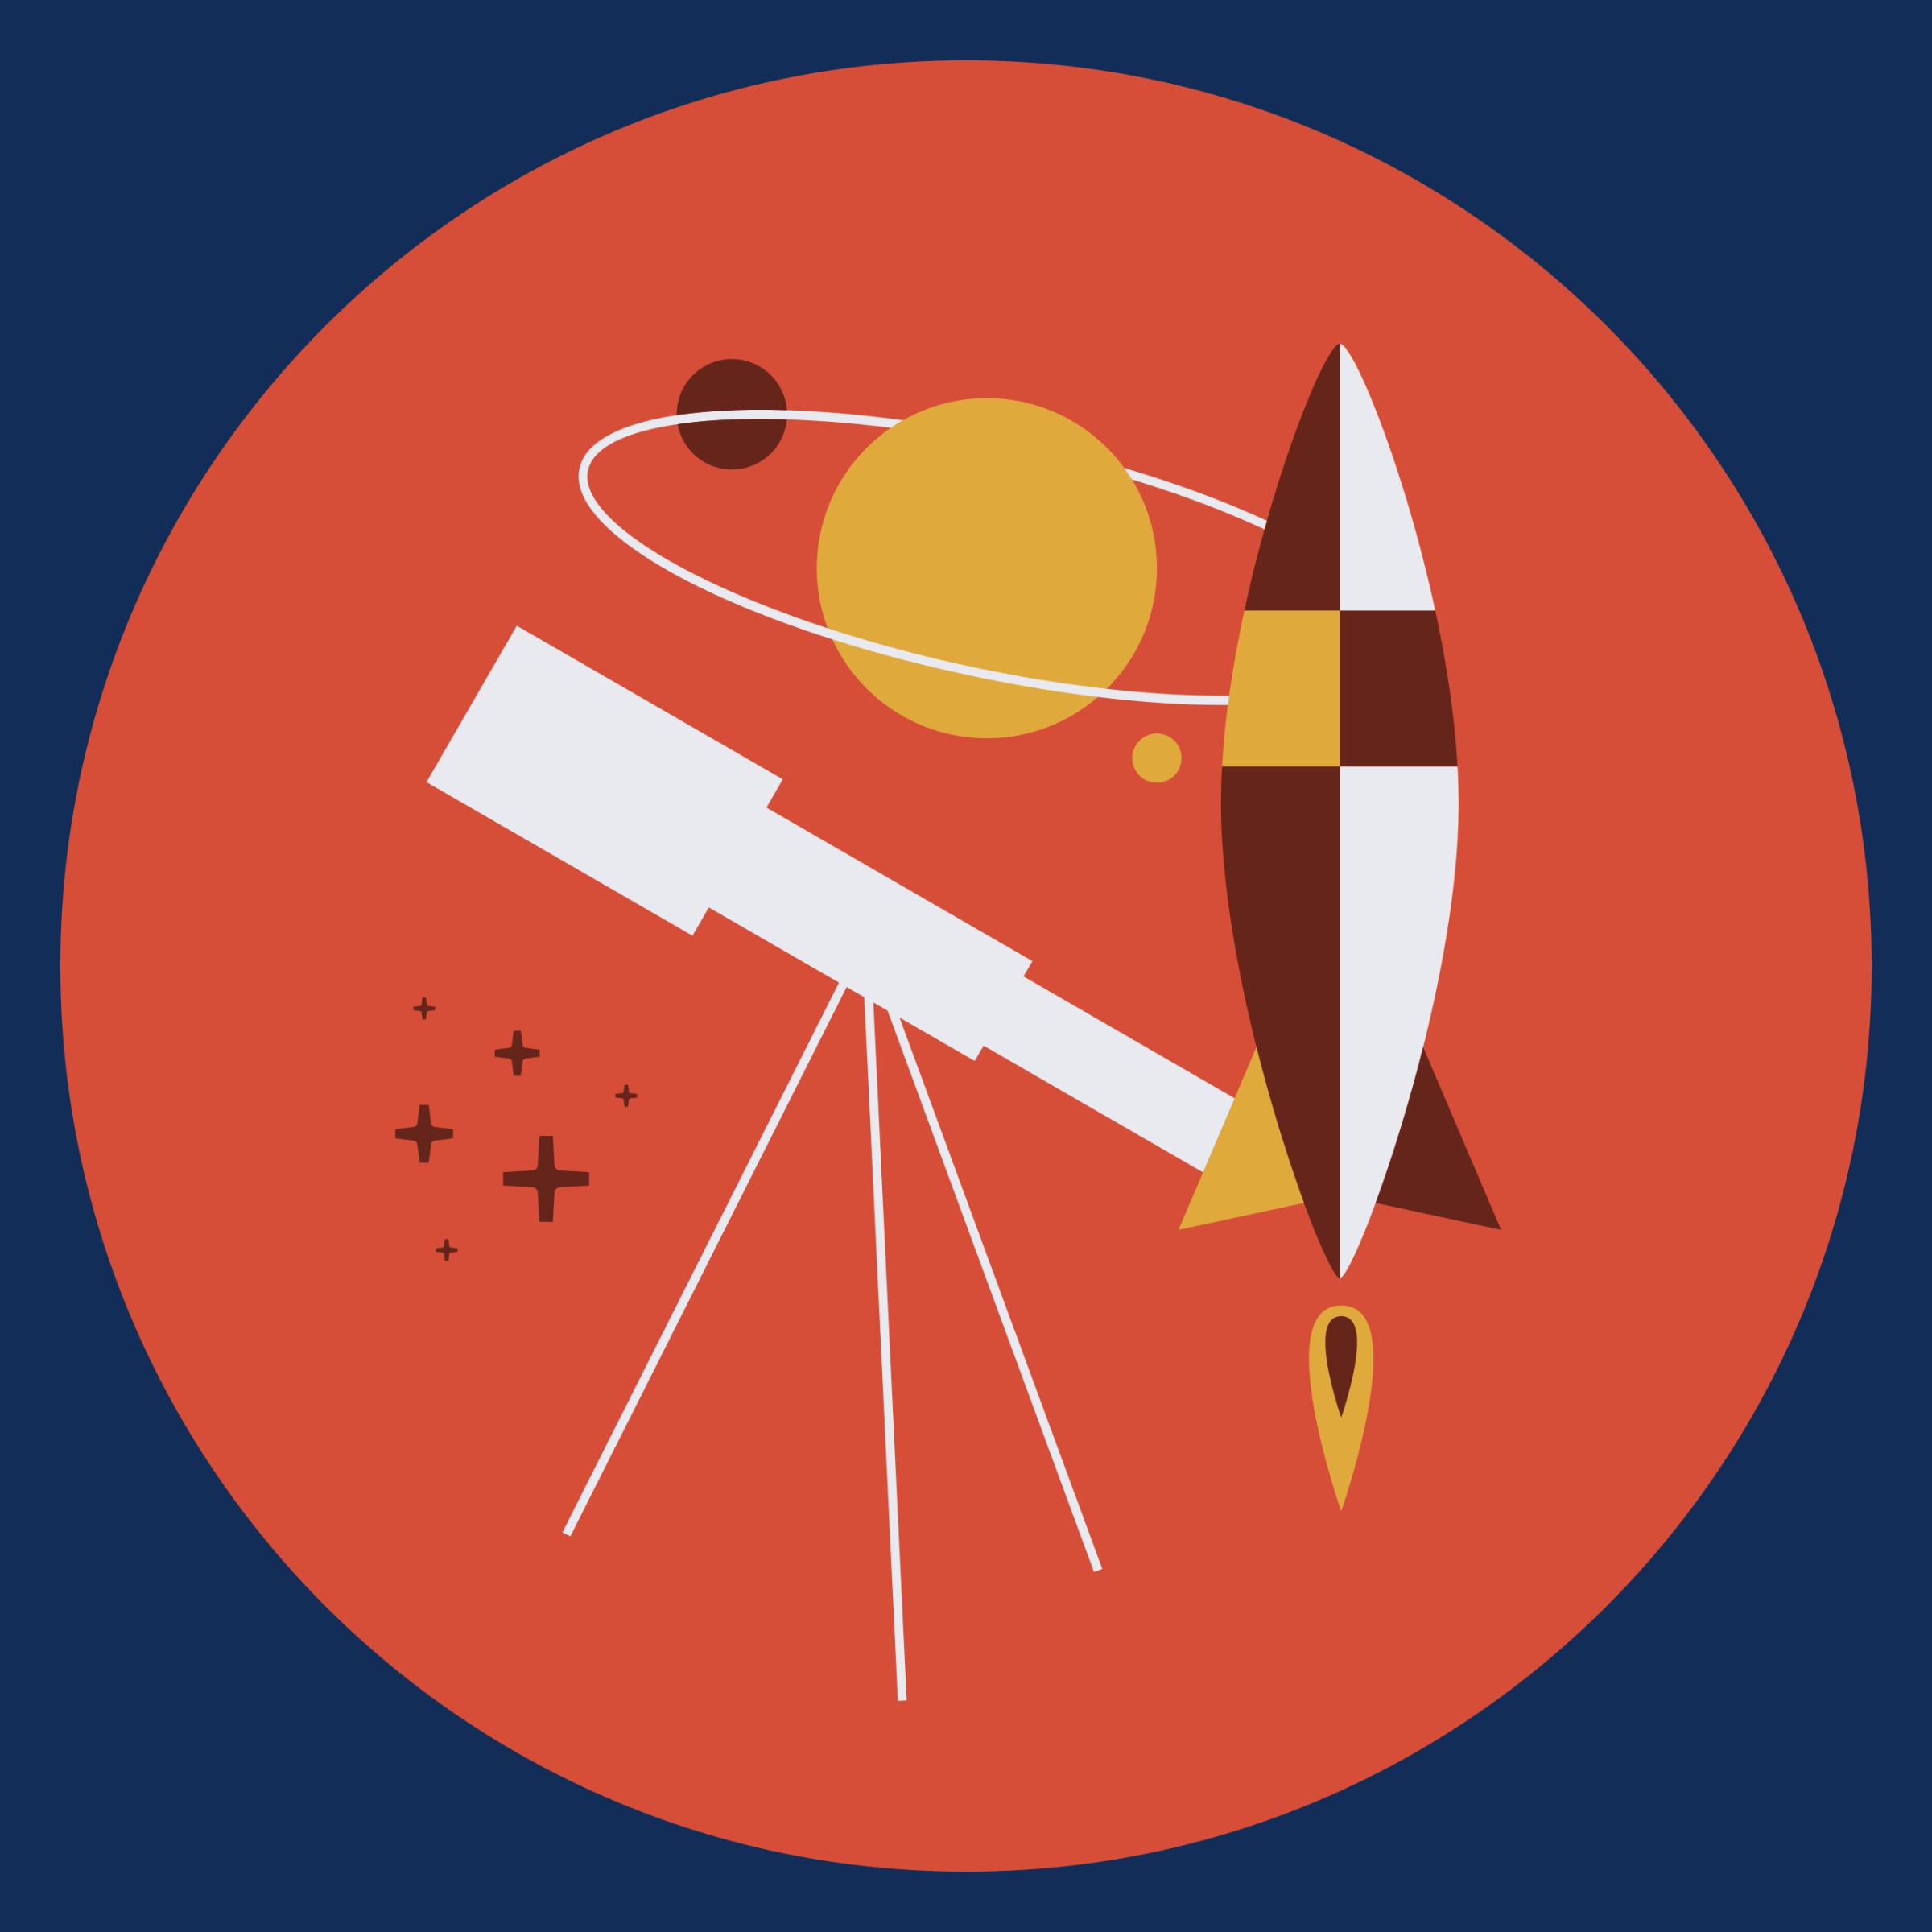 Space Symbols